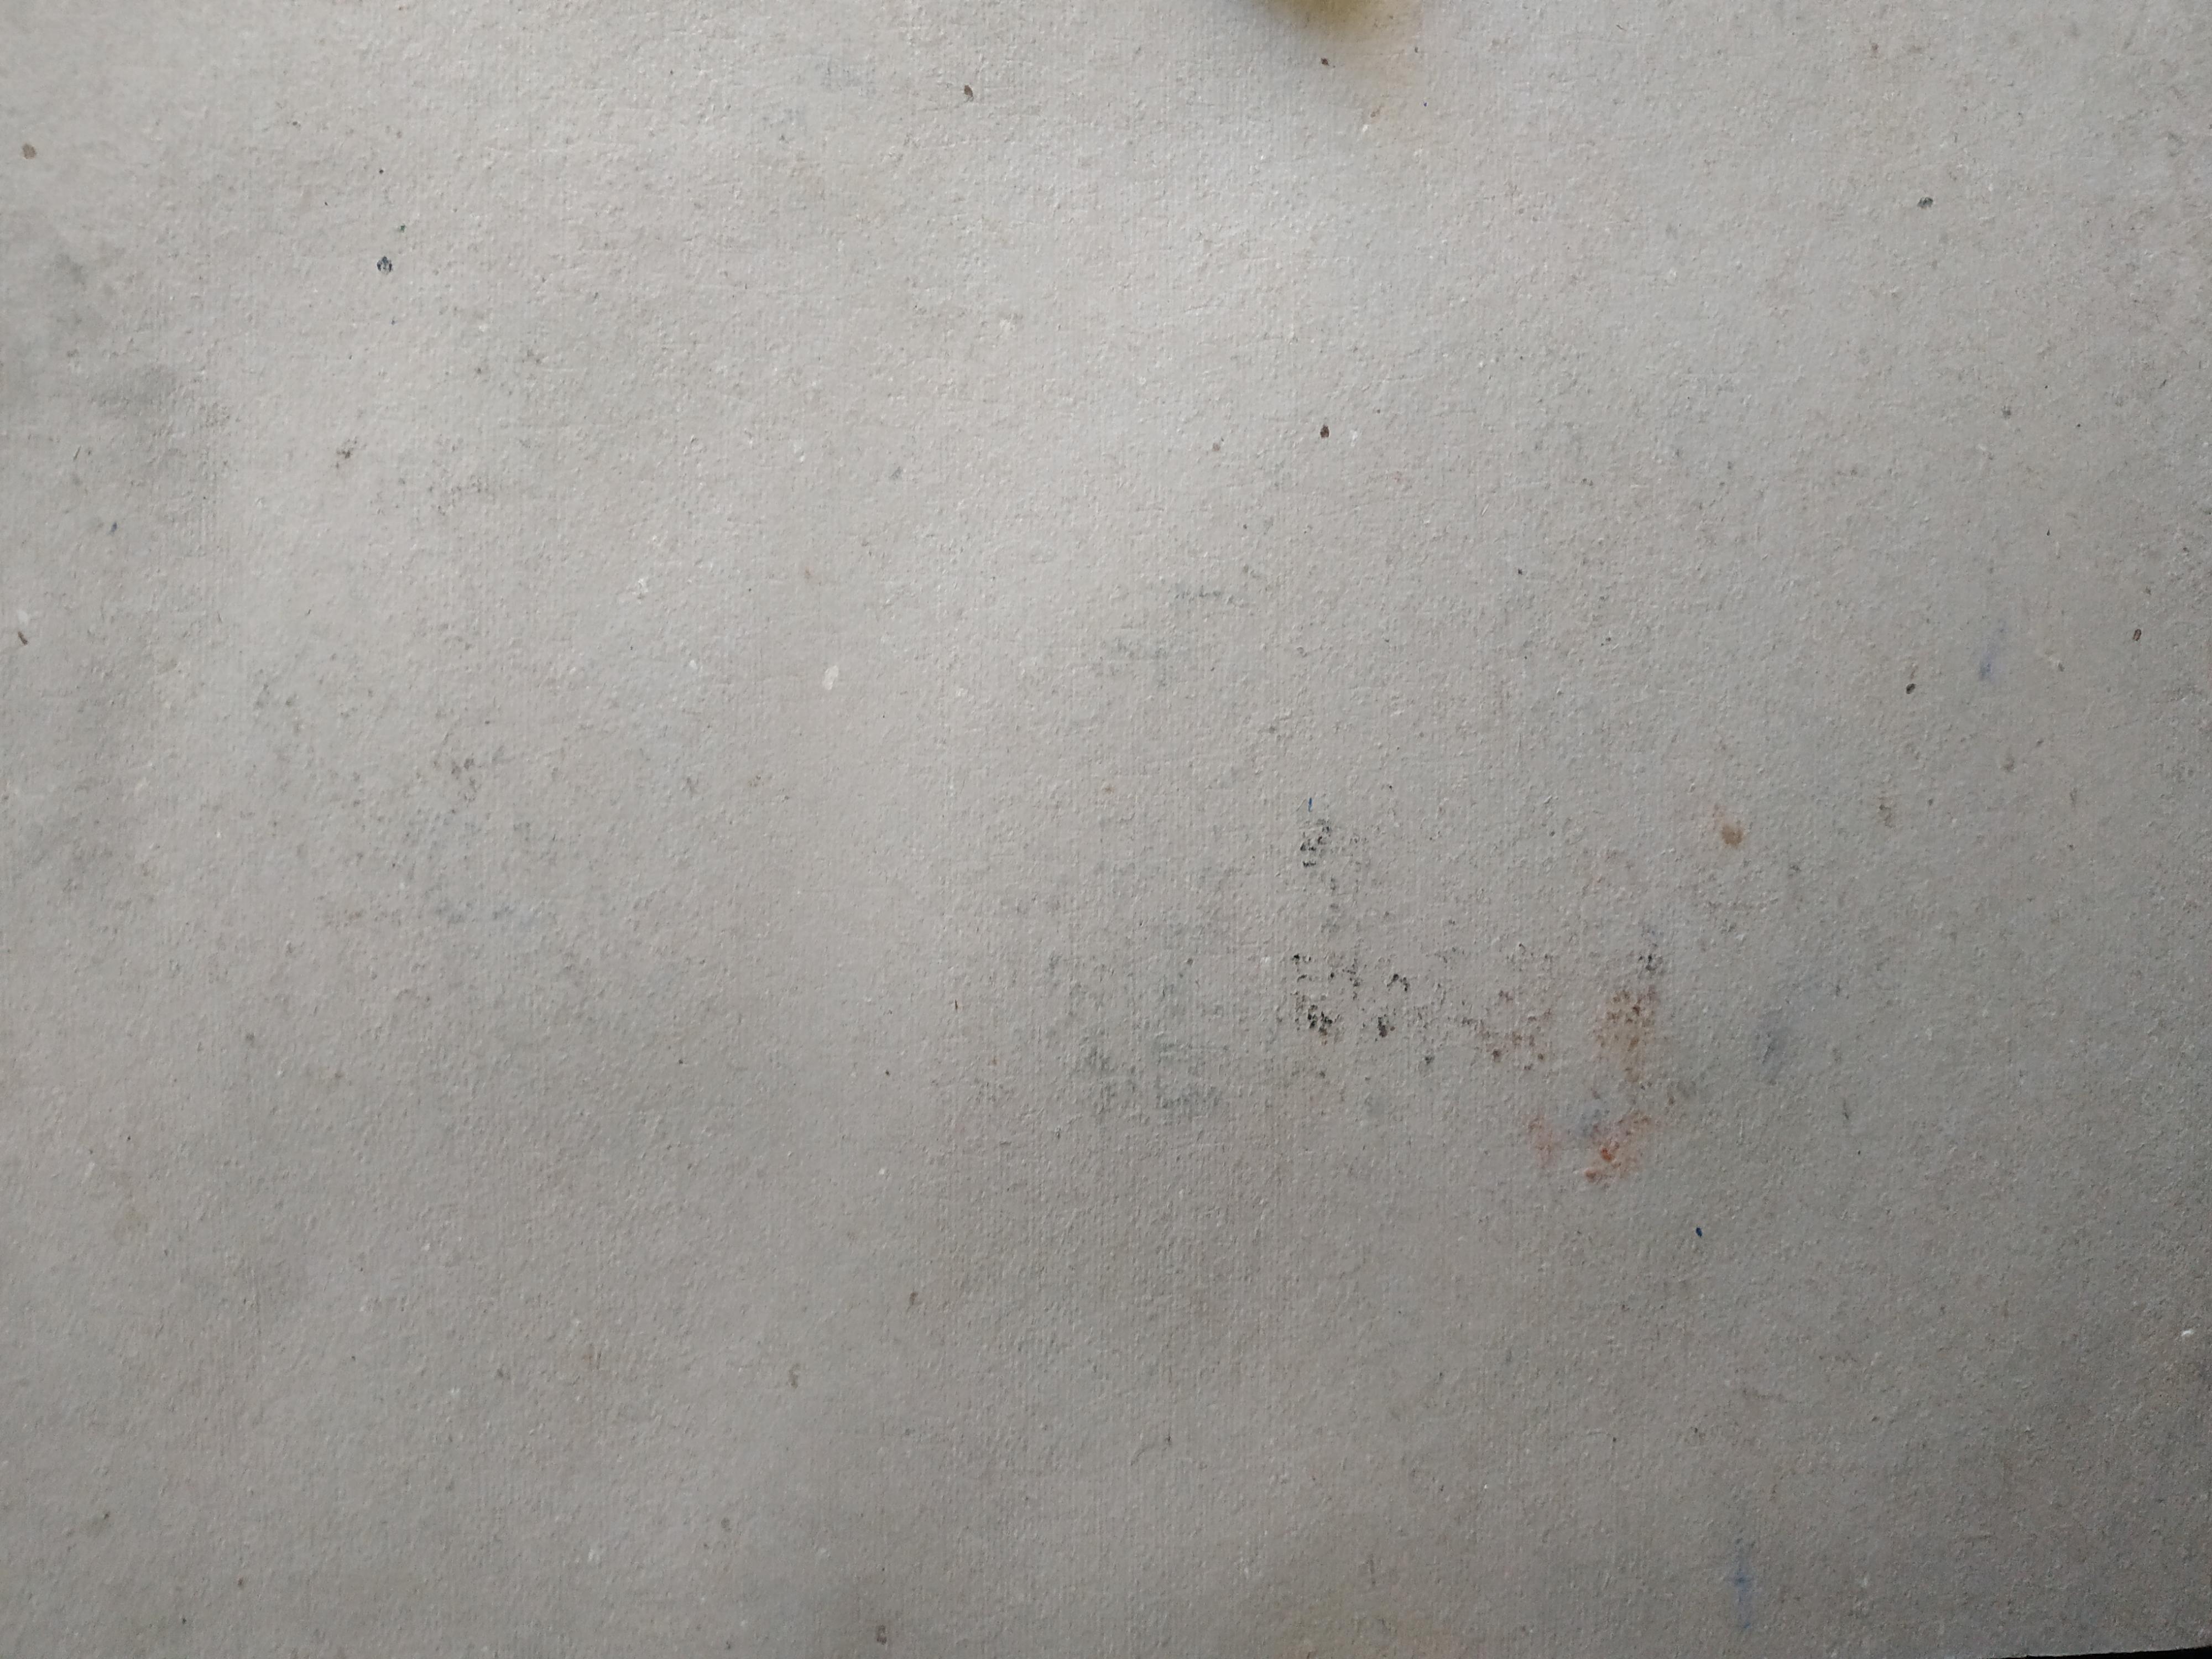 Пирамида 42-57 см., картон, пастель 2005 год  - 2